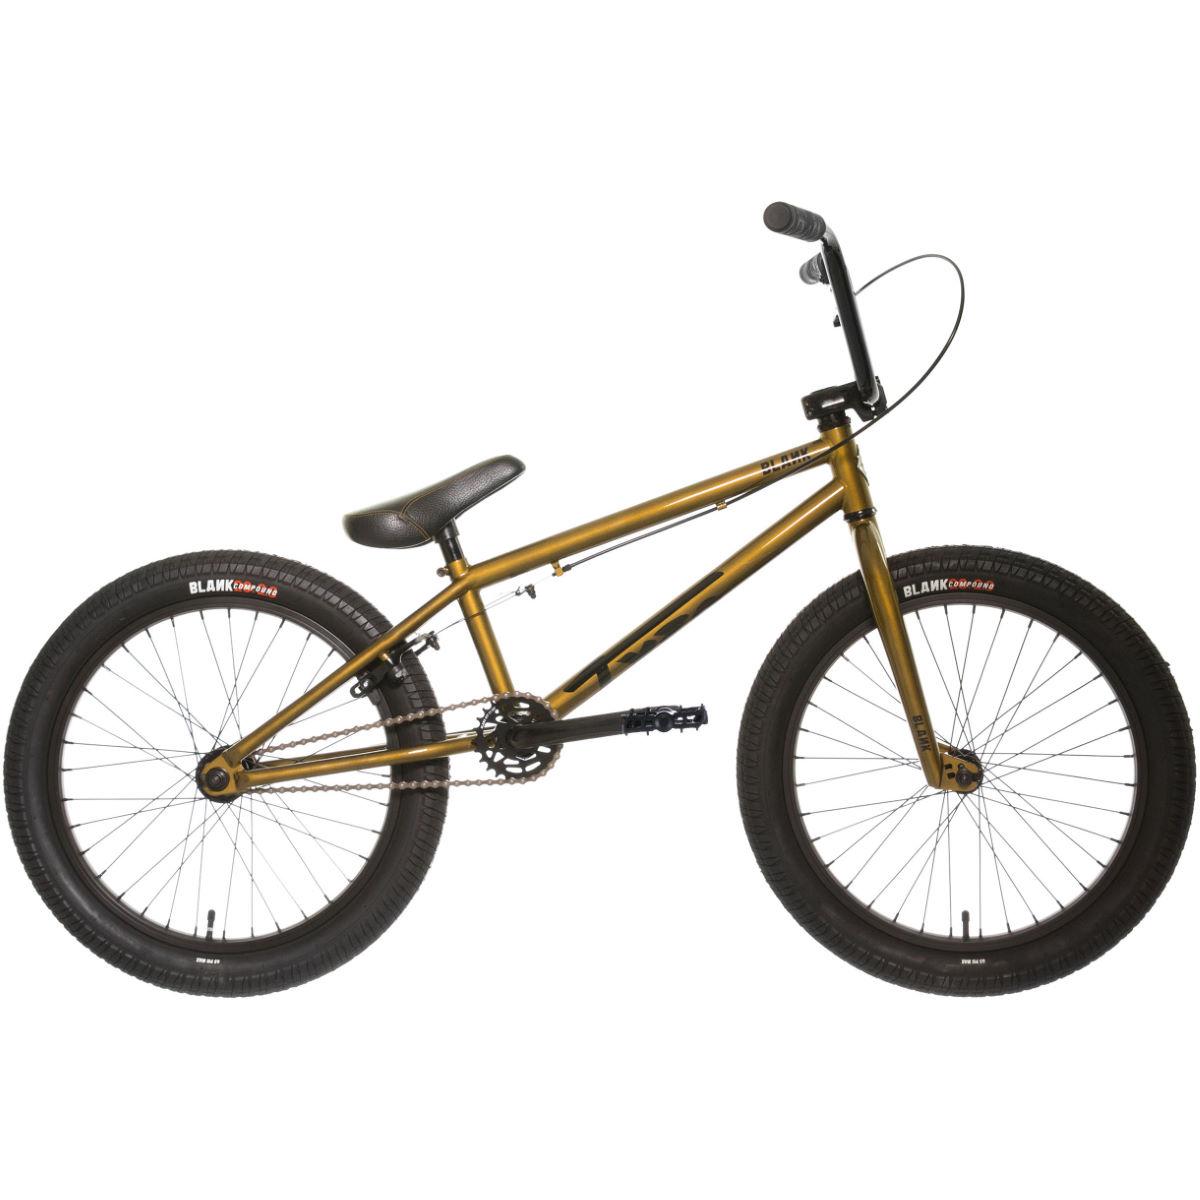 Blank Tyro 2019 Freestyle Bikes